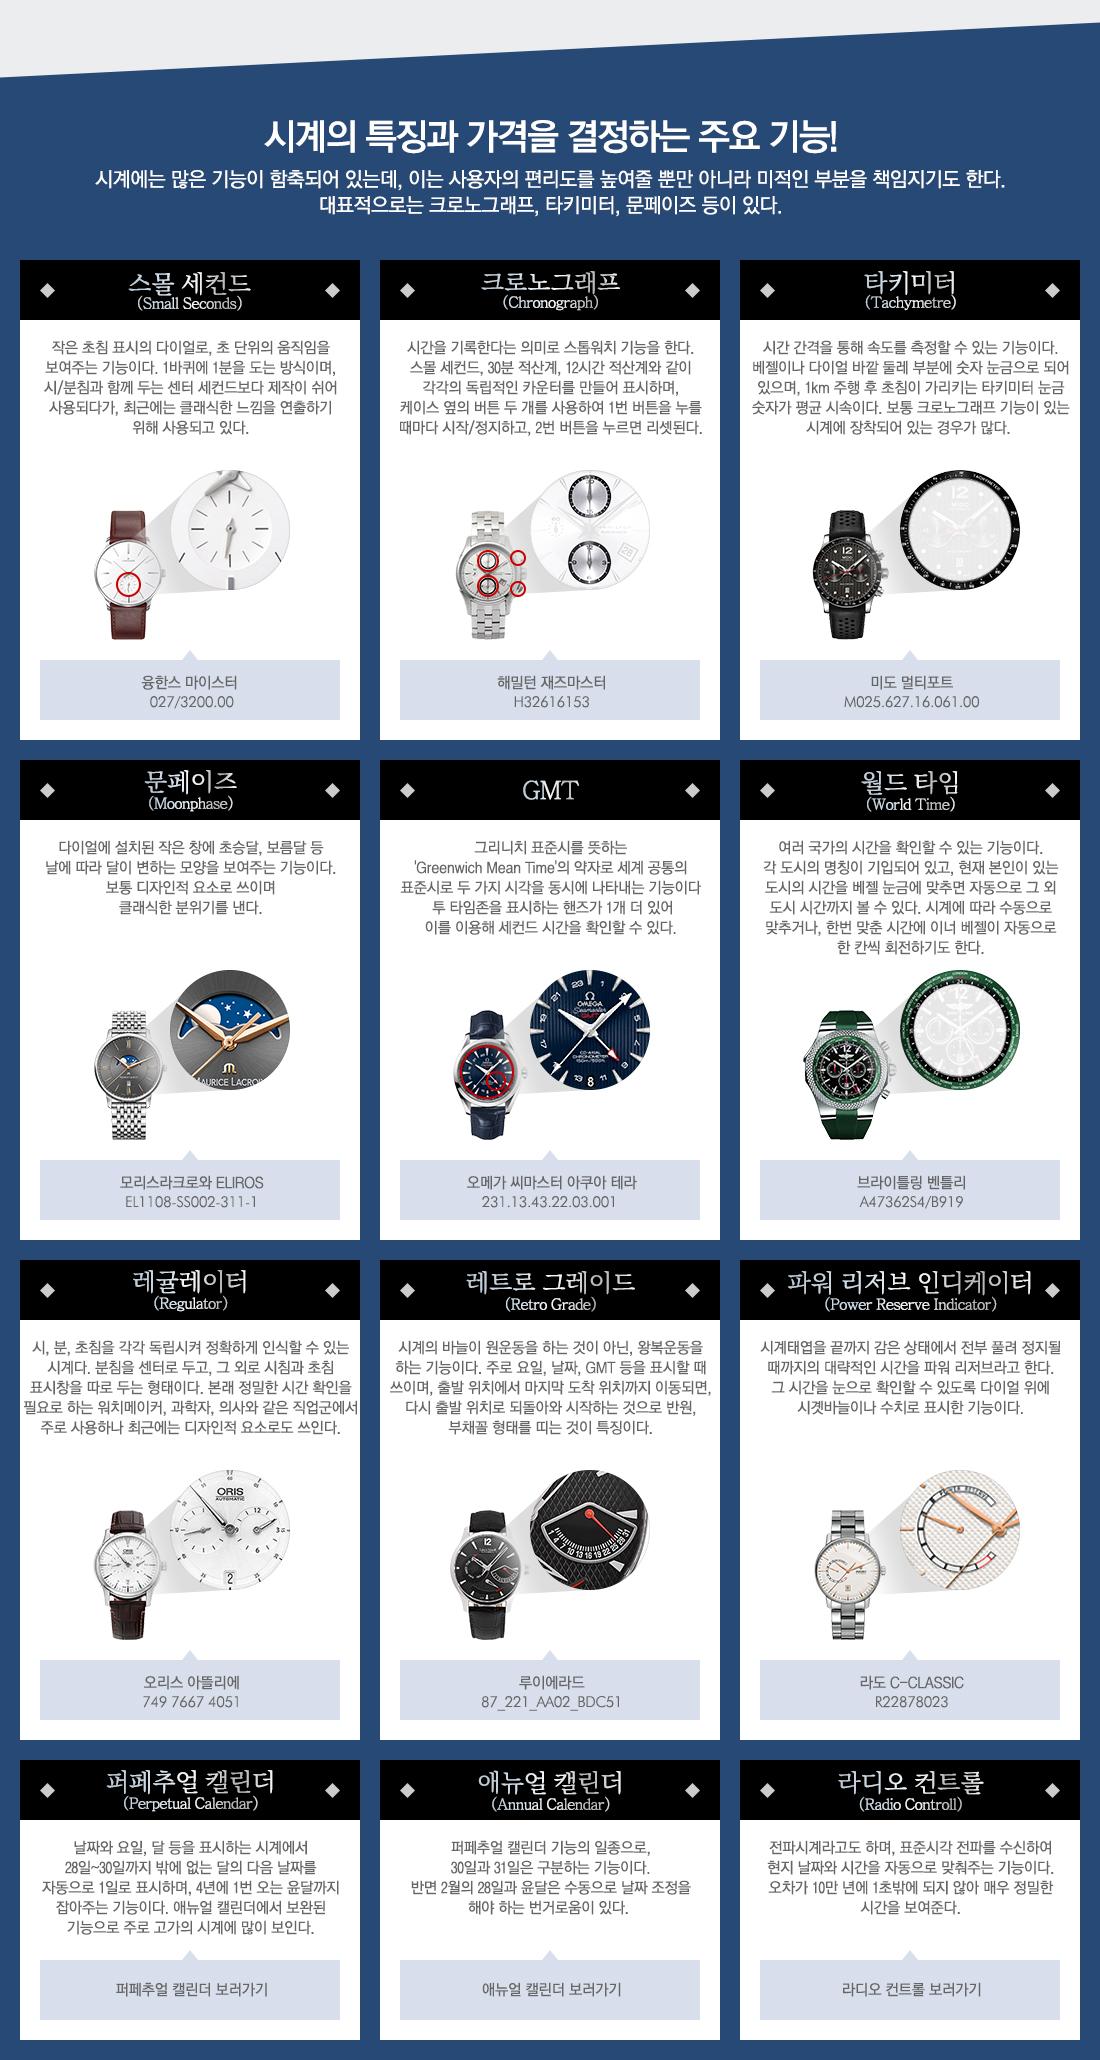 시계의 특징과 가격을 결정하는 주요 기능!